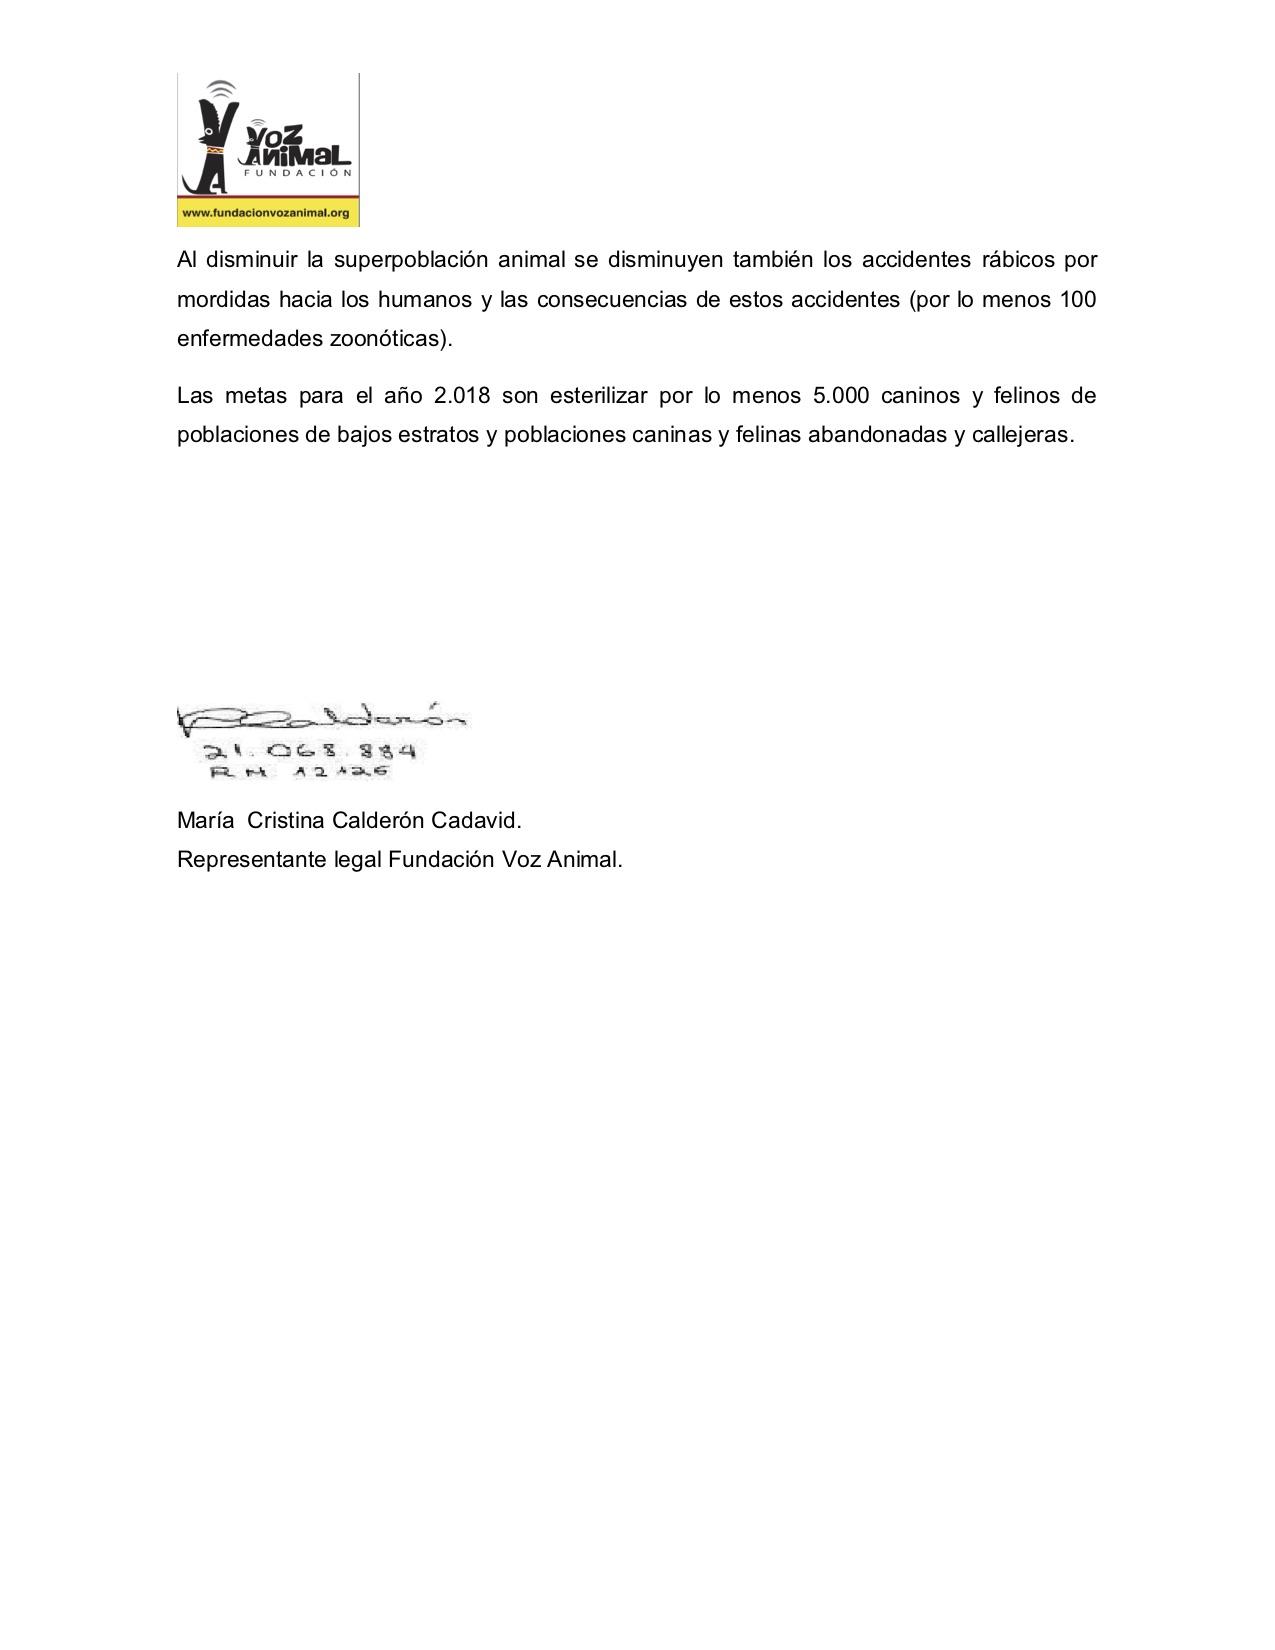 INFORME DIAN VENTAJAS DE LA ESTERILIZACION 2